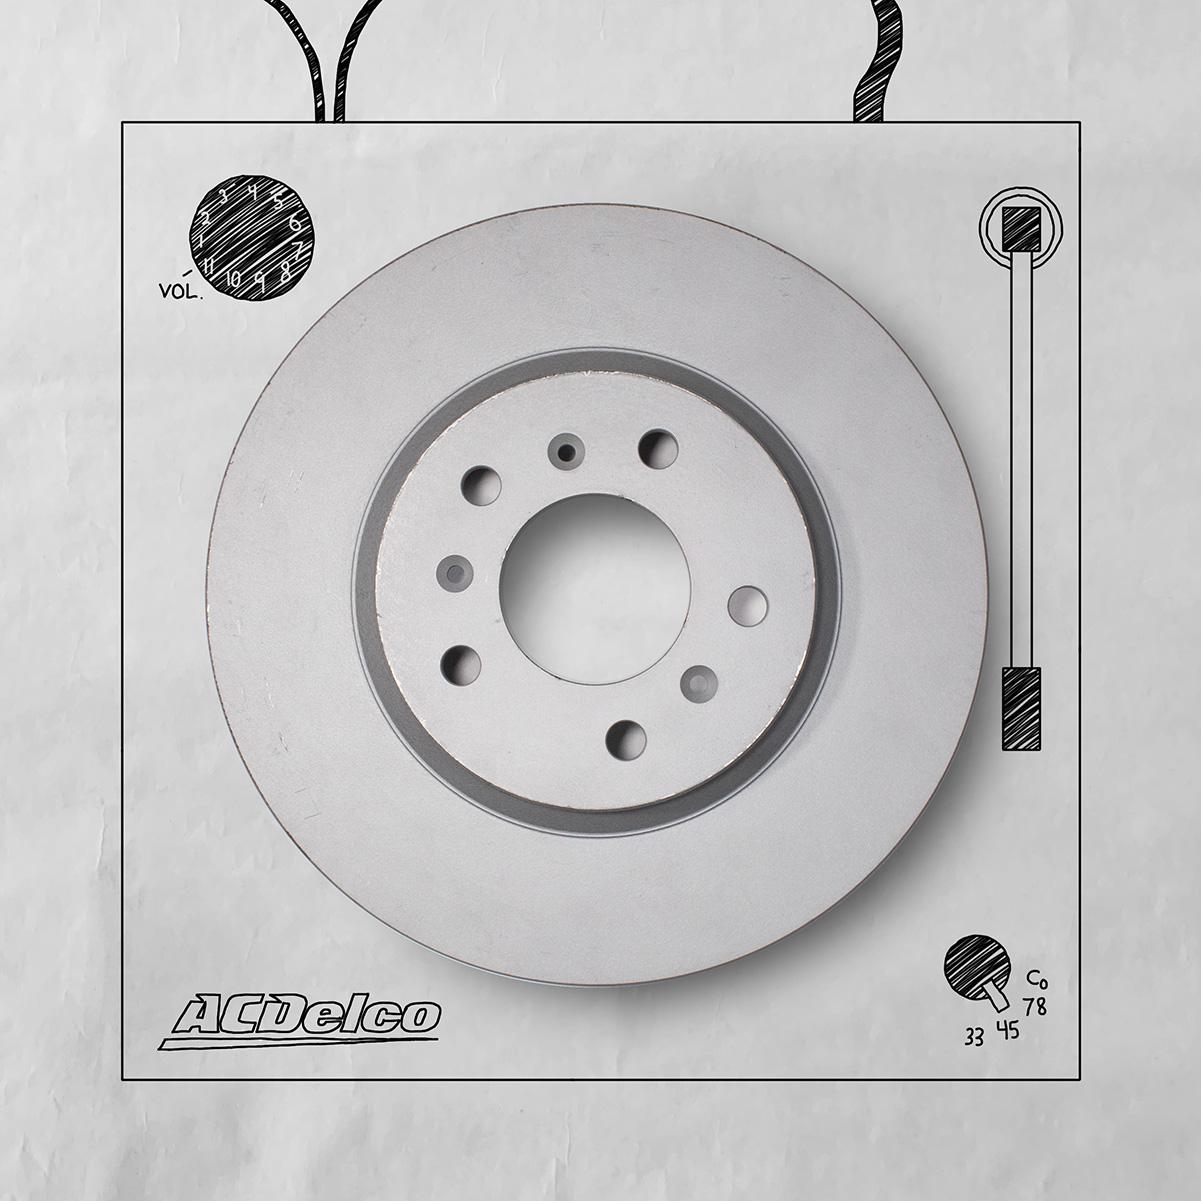 sketch1-recordplayer-web.jpg